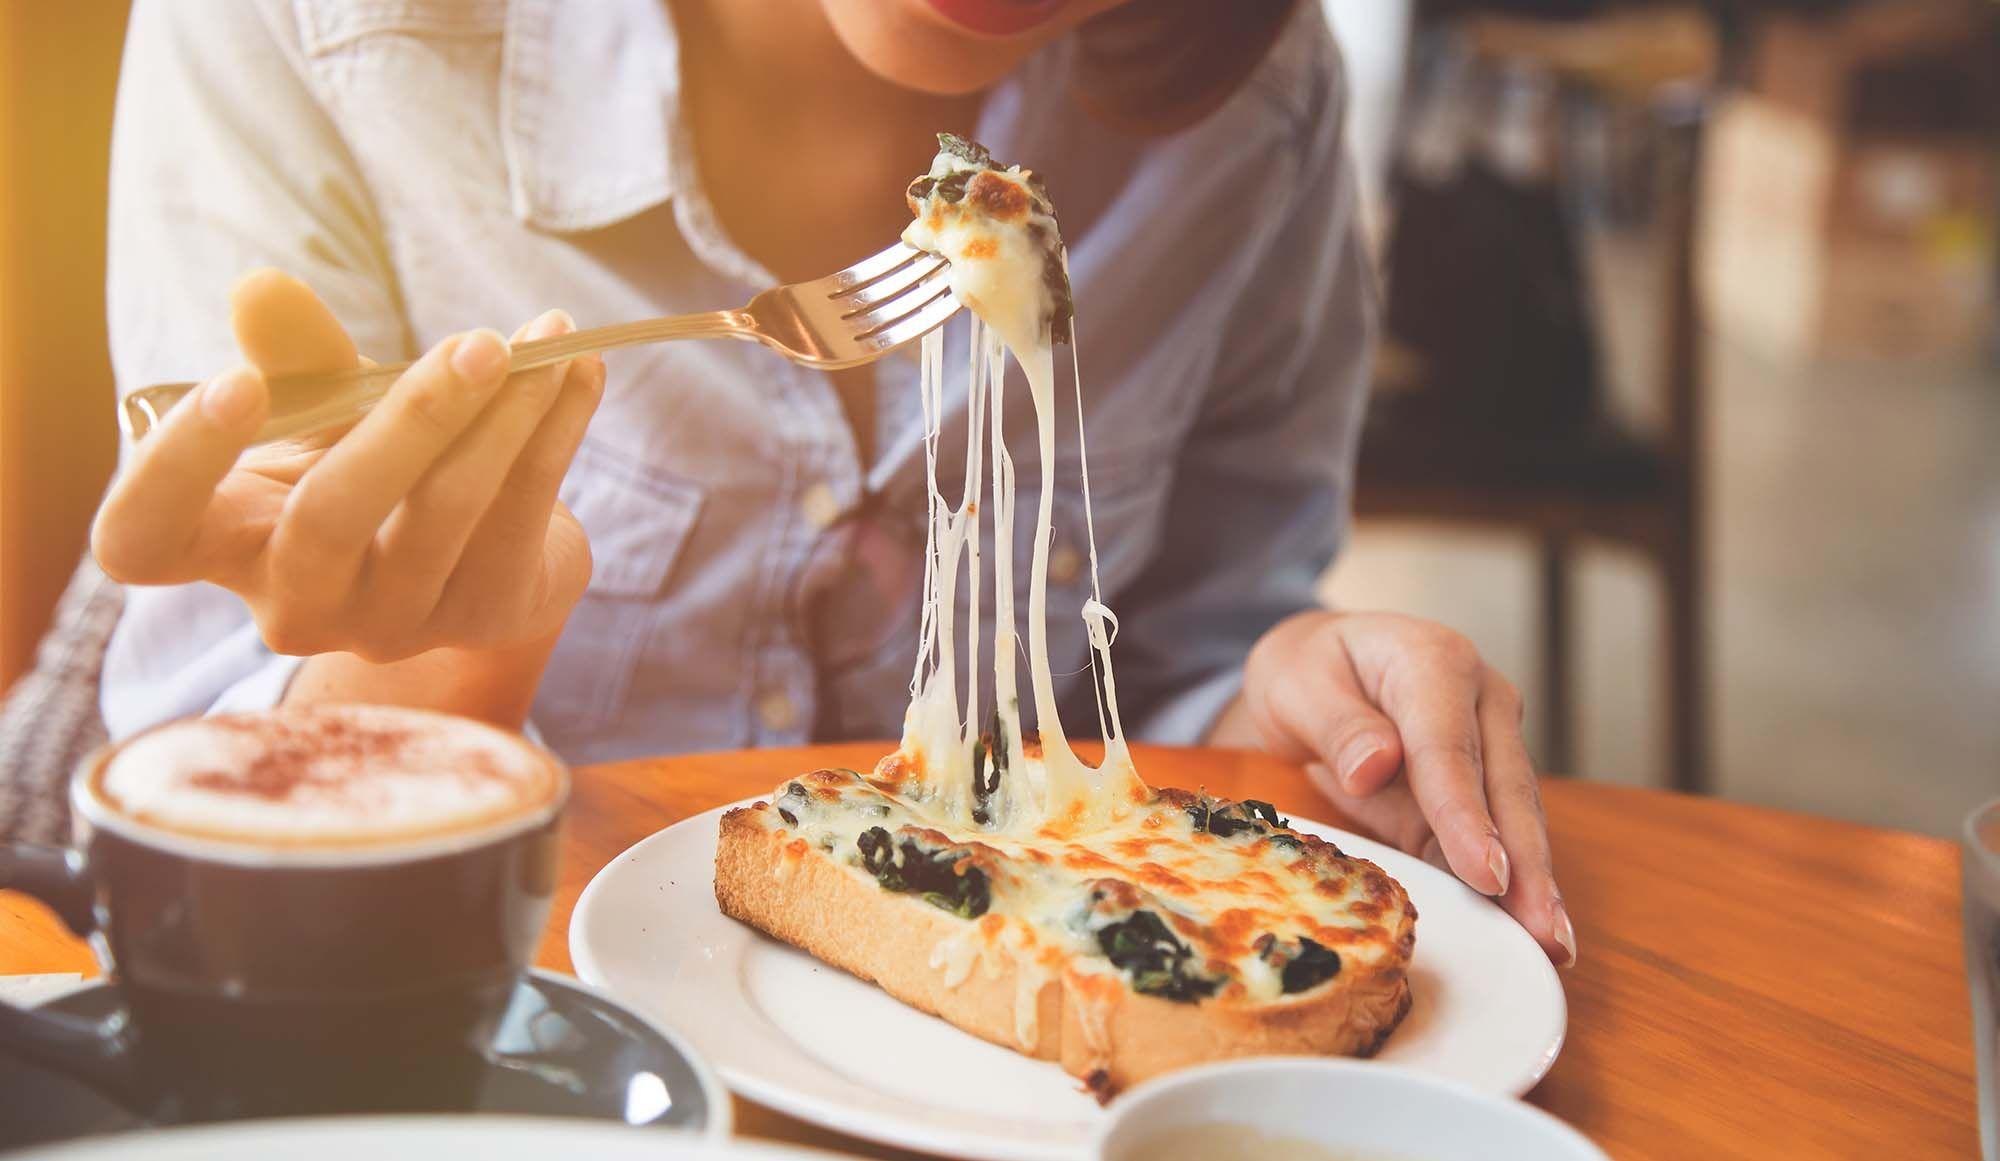 P R: Comer rápido aumenta el riesgo de sobrepeso